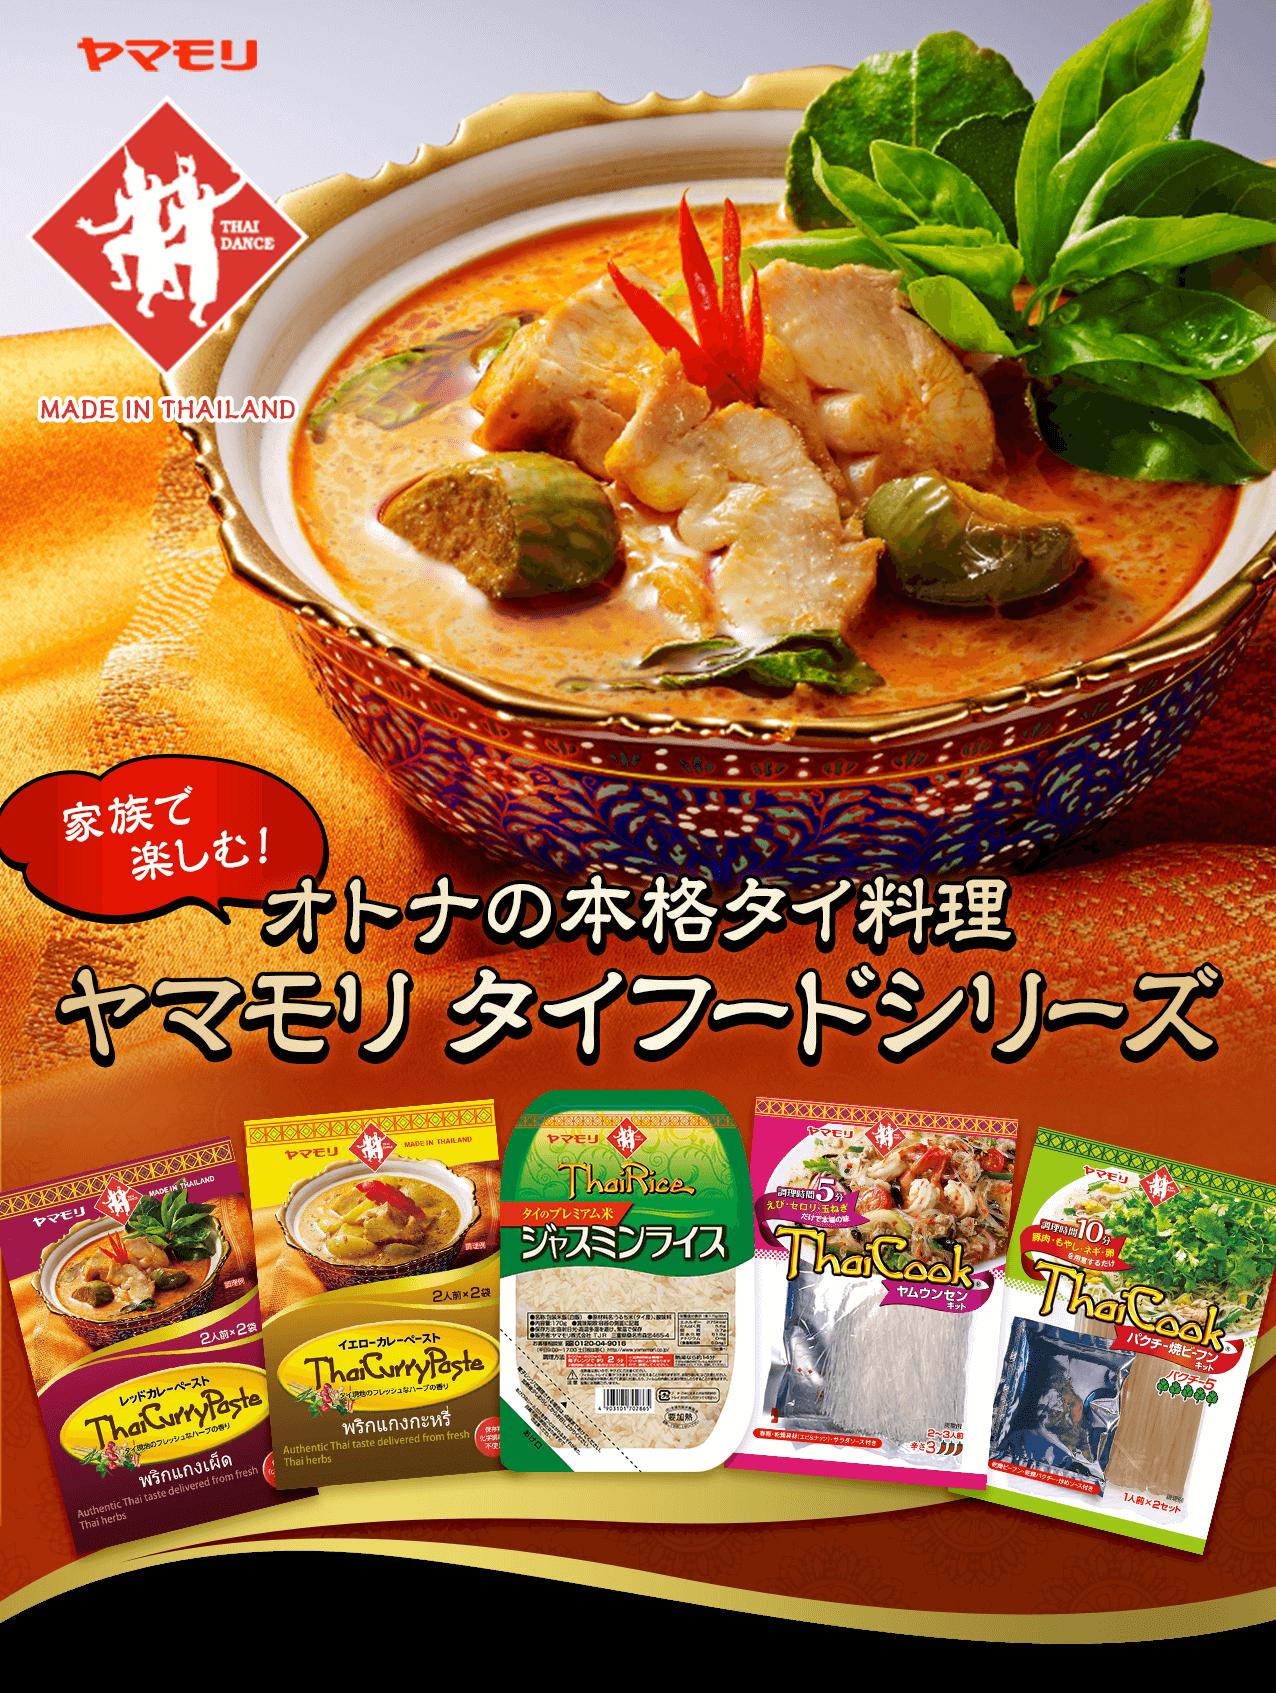 家族で楽しむオトナの本格タイ料理 ヤマモリ タイフードシリーズ